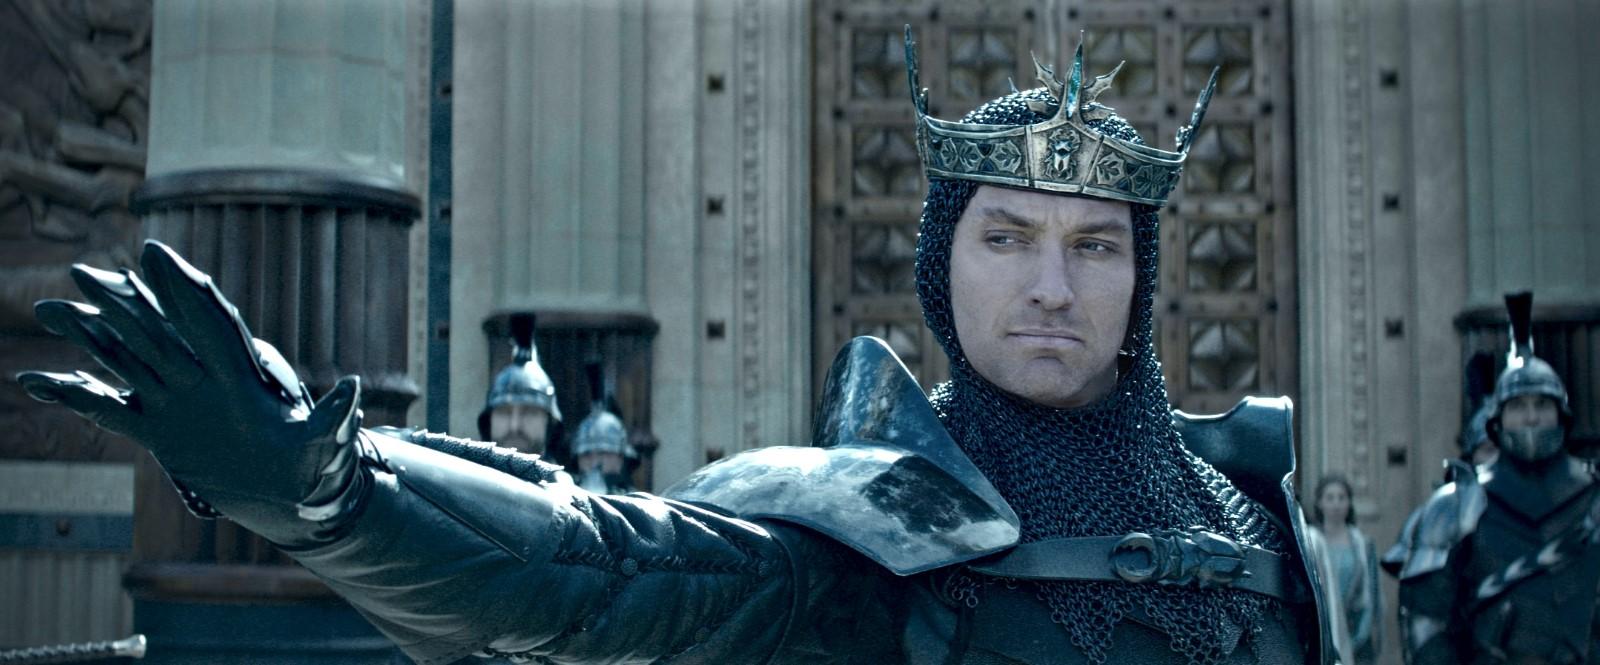 Watch Online Hd King Arthur: Legend Of The Sword